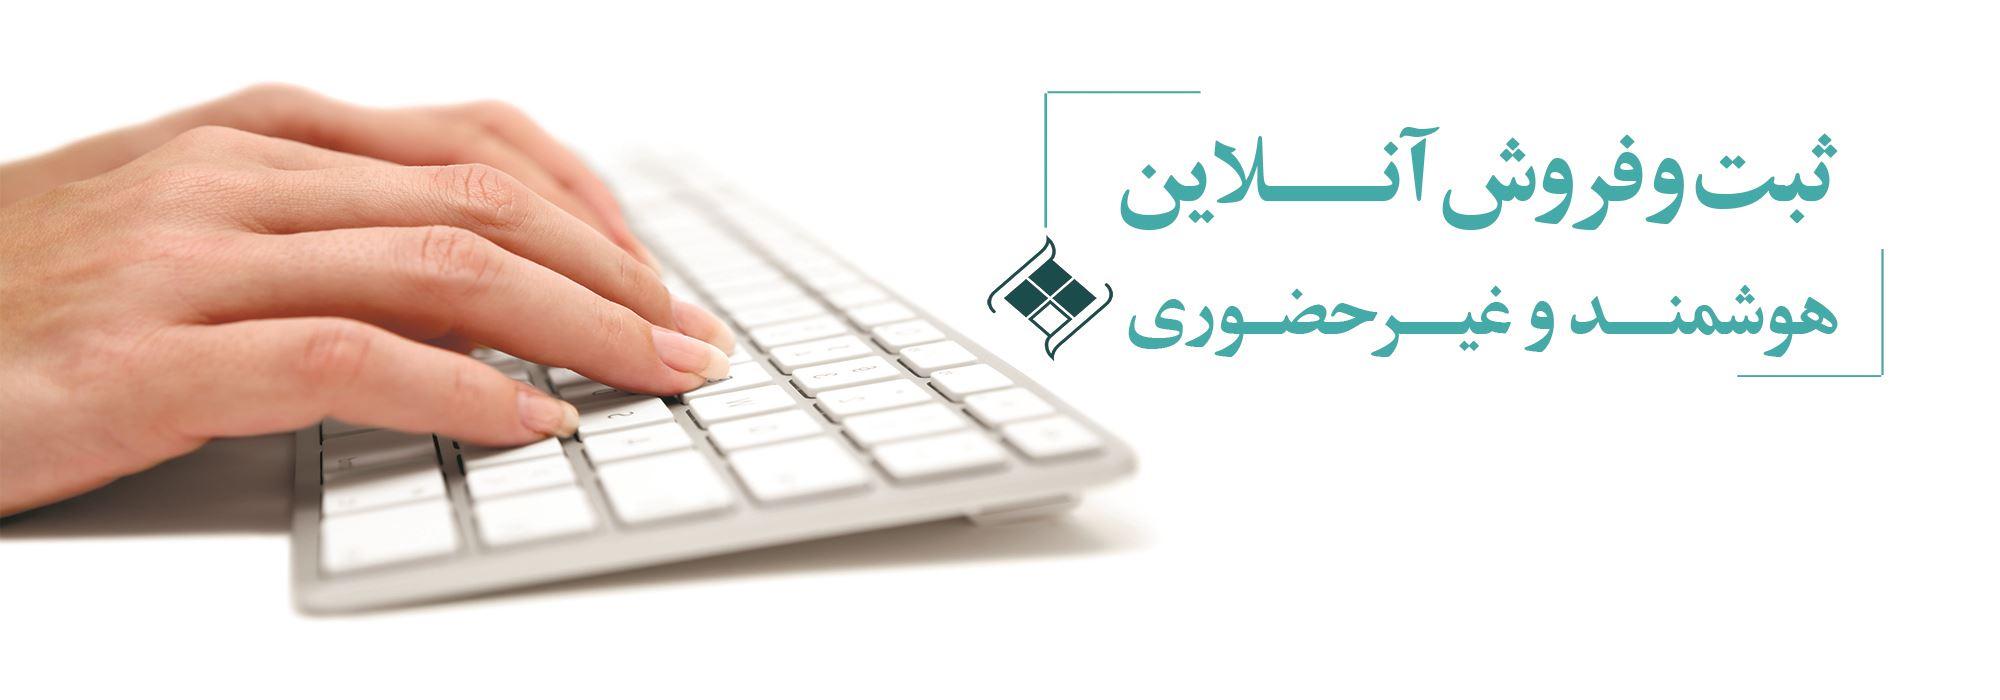 ثبت آنلاین